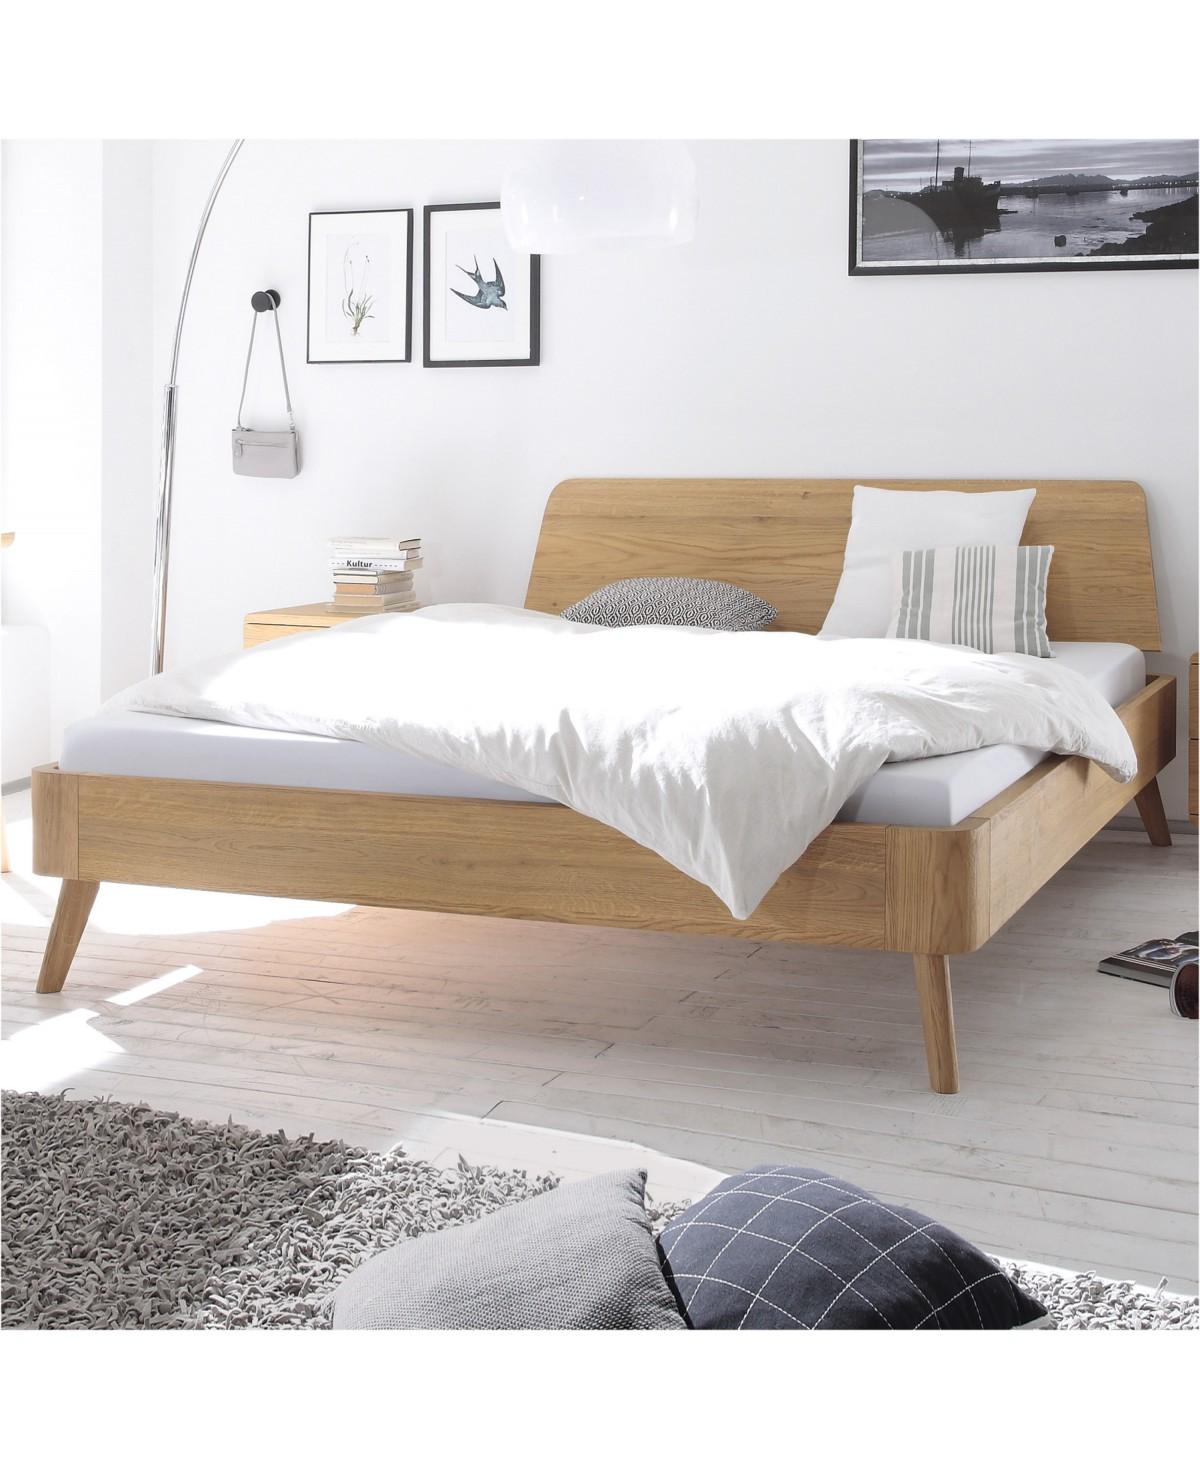 Full Size of Hasena Oak Bianco Eiche Bett Masito 25 Kopfteil Edda 140x200 Betten 90x200 Meise Billige Mit Aufbewahrung 200x220 Für übergewichtige Regal Kleidung Bett Kopfteile Für Betten